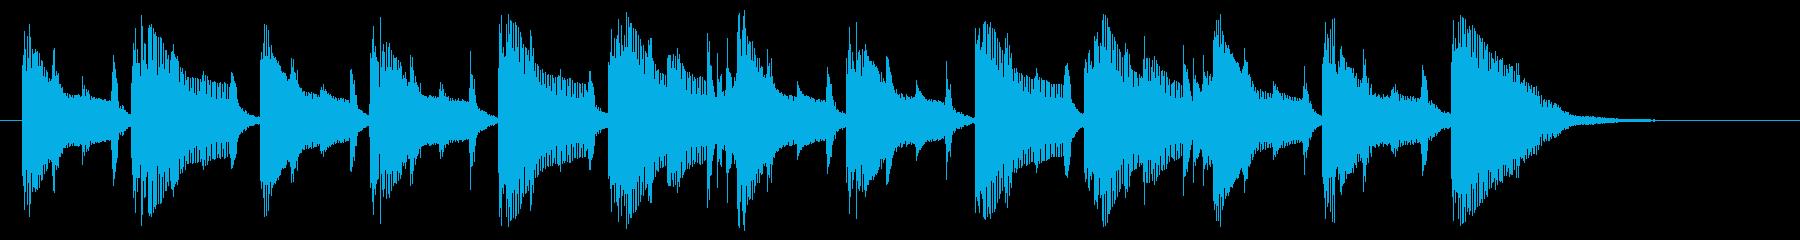 ゆったりとのんびりなシンセジングルの再生済みの波形